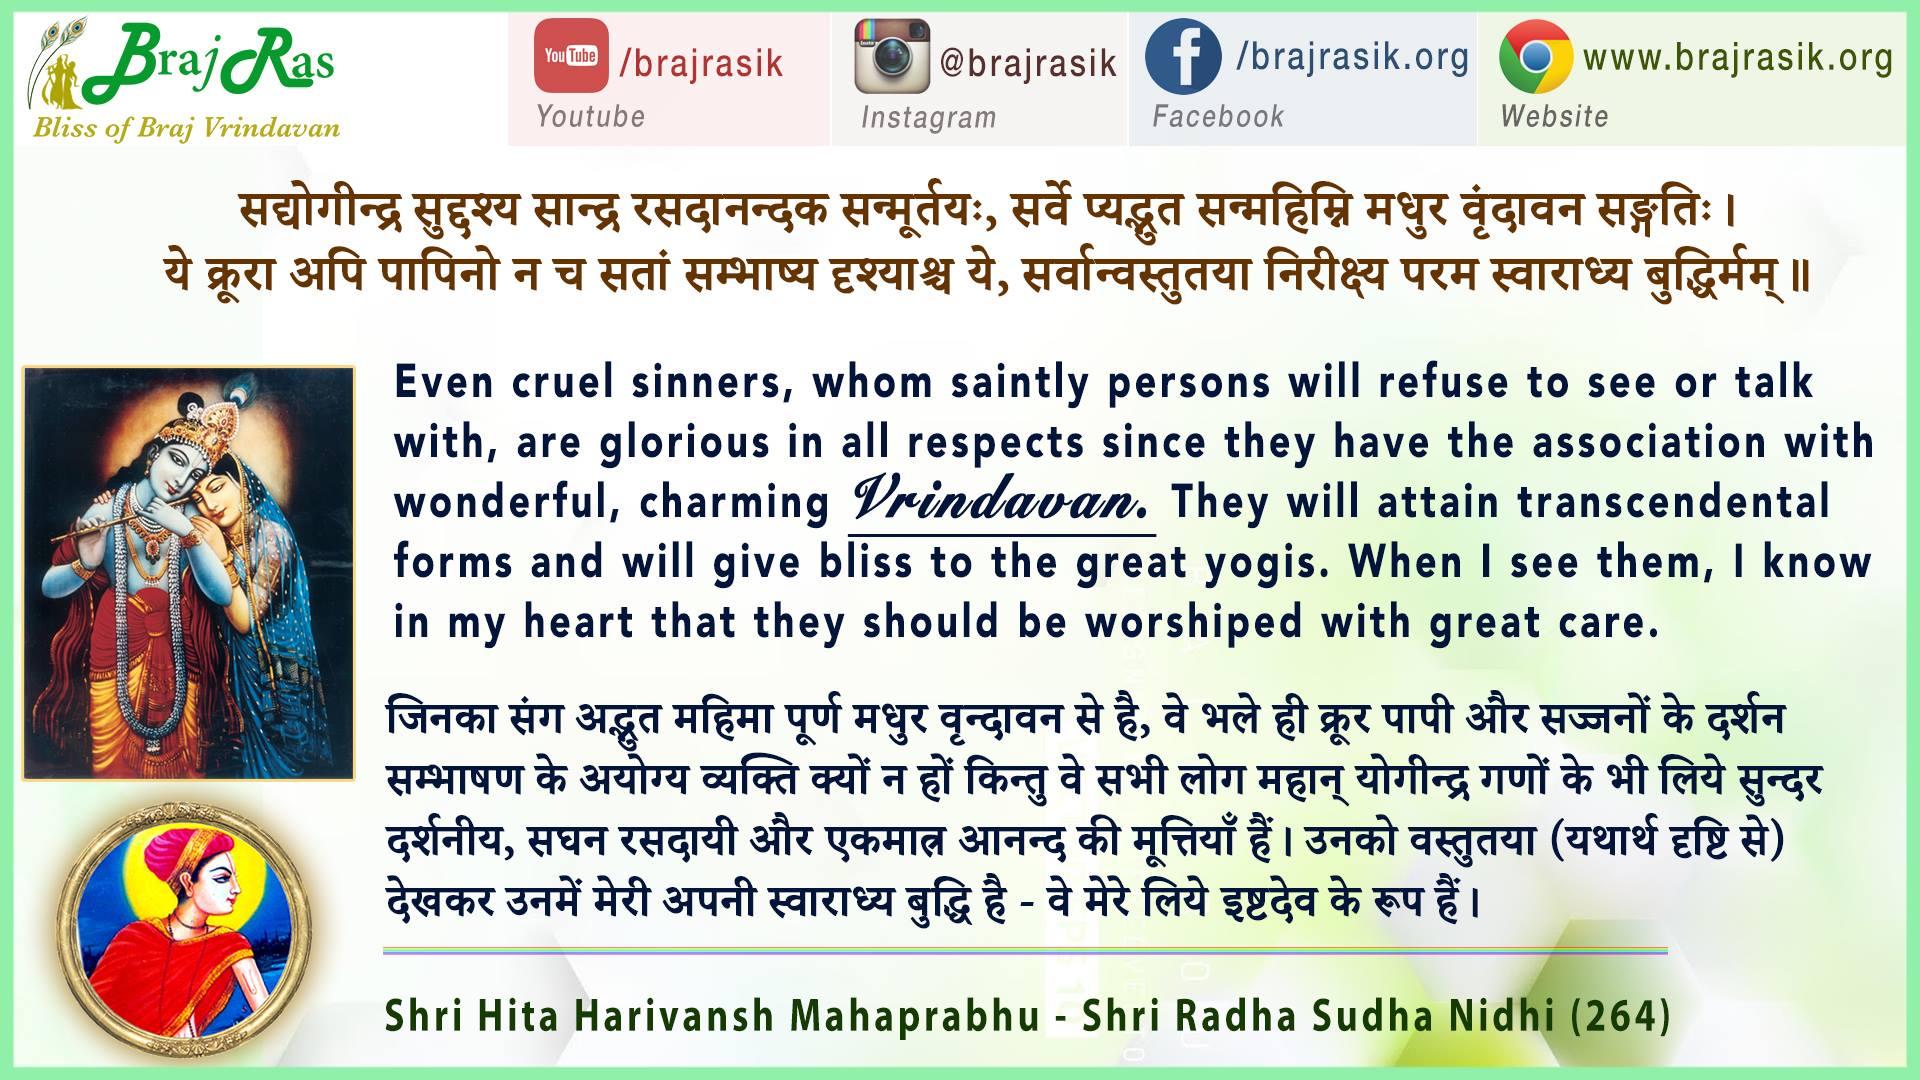 Saghoghindra Sudeshya Saandra Rasanandak Sanmurtiya - Shri Hita Harivansh Mahaprabhu, Shri Radha Sudha Nidhi